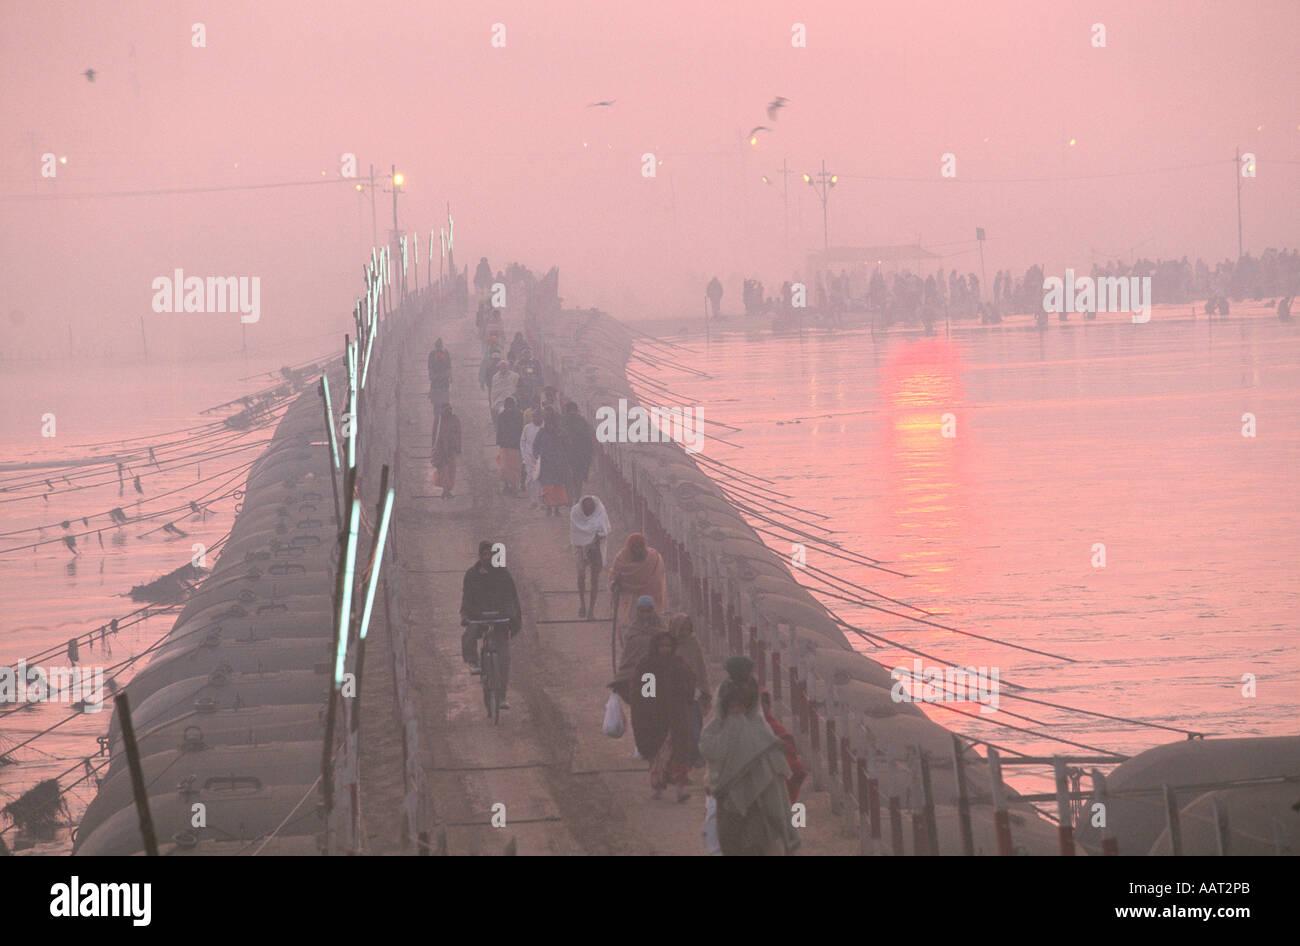 KUMBH MELA INDIA 2001 come il sole tramonta pellegrini fanno la loro strada attraverso i ponti temporanei nei loro campi 2001 Foto Stock